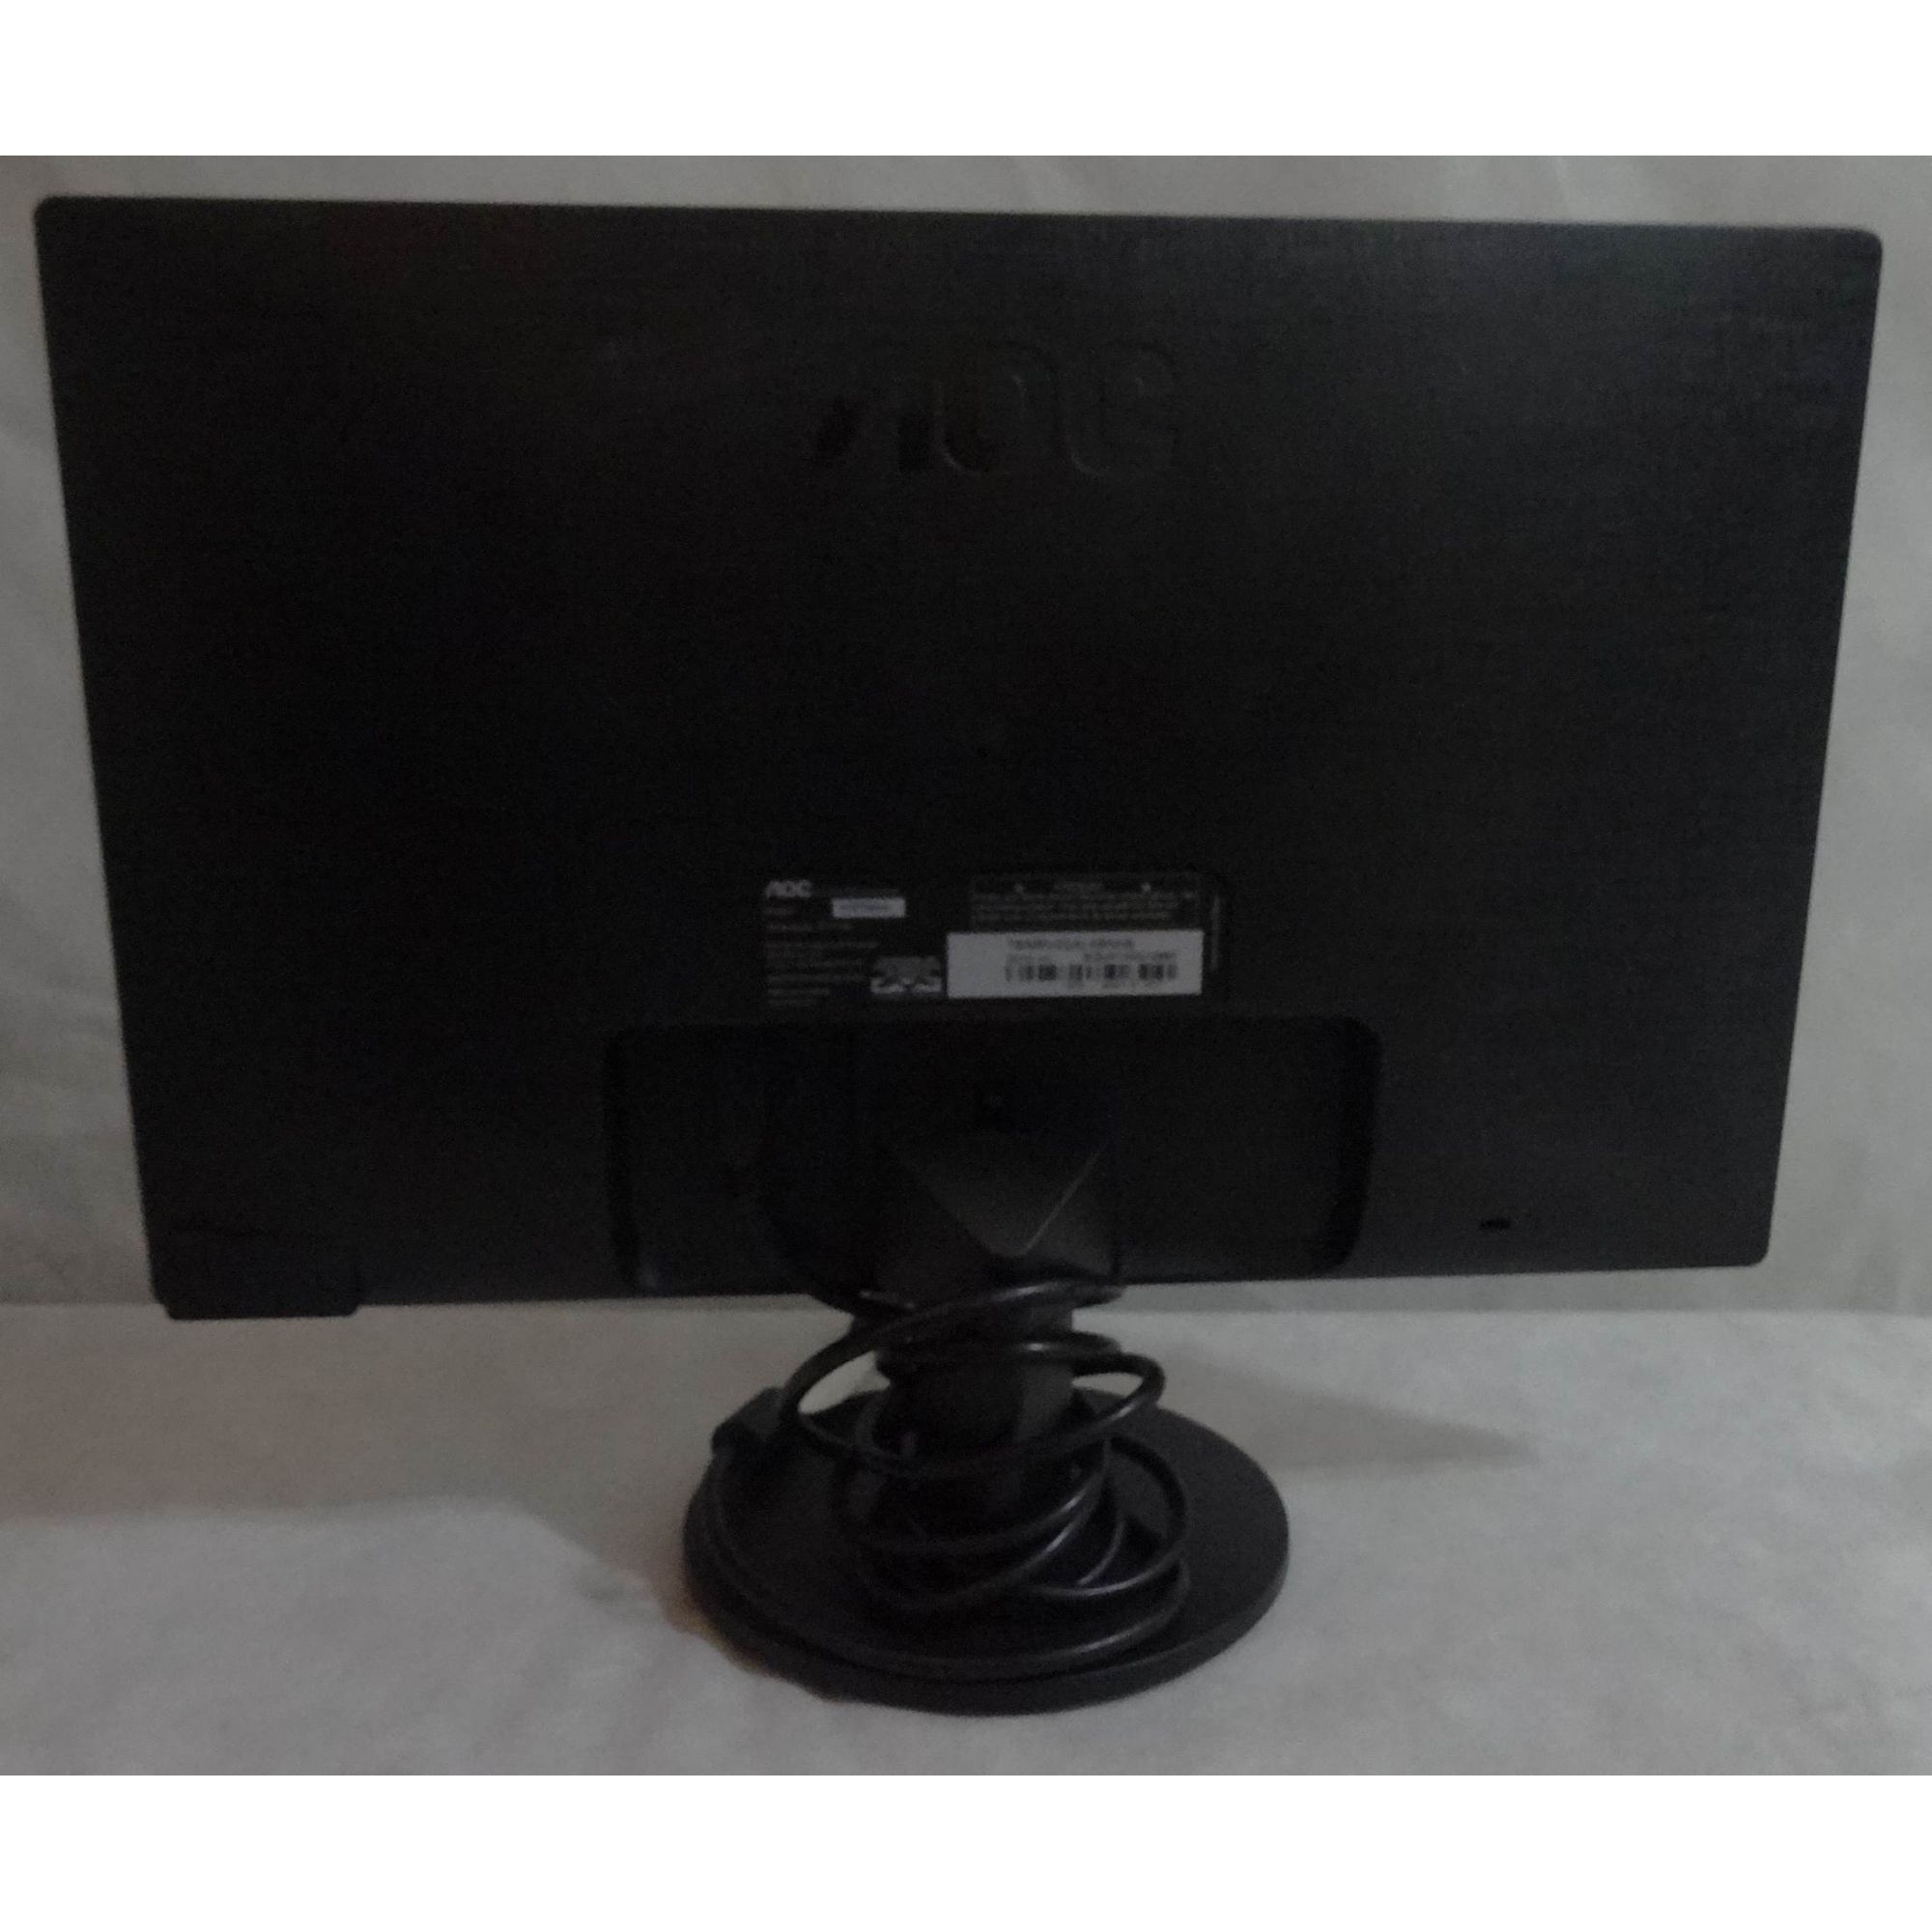 Monitor AOC E1670Swu 15.6